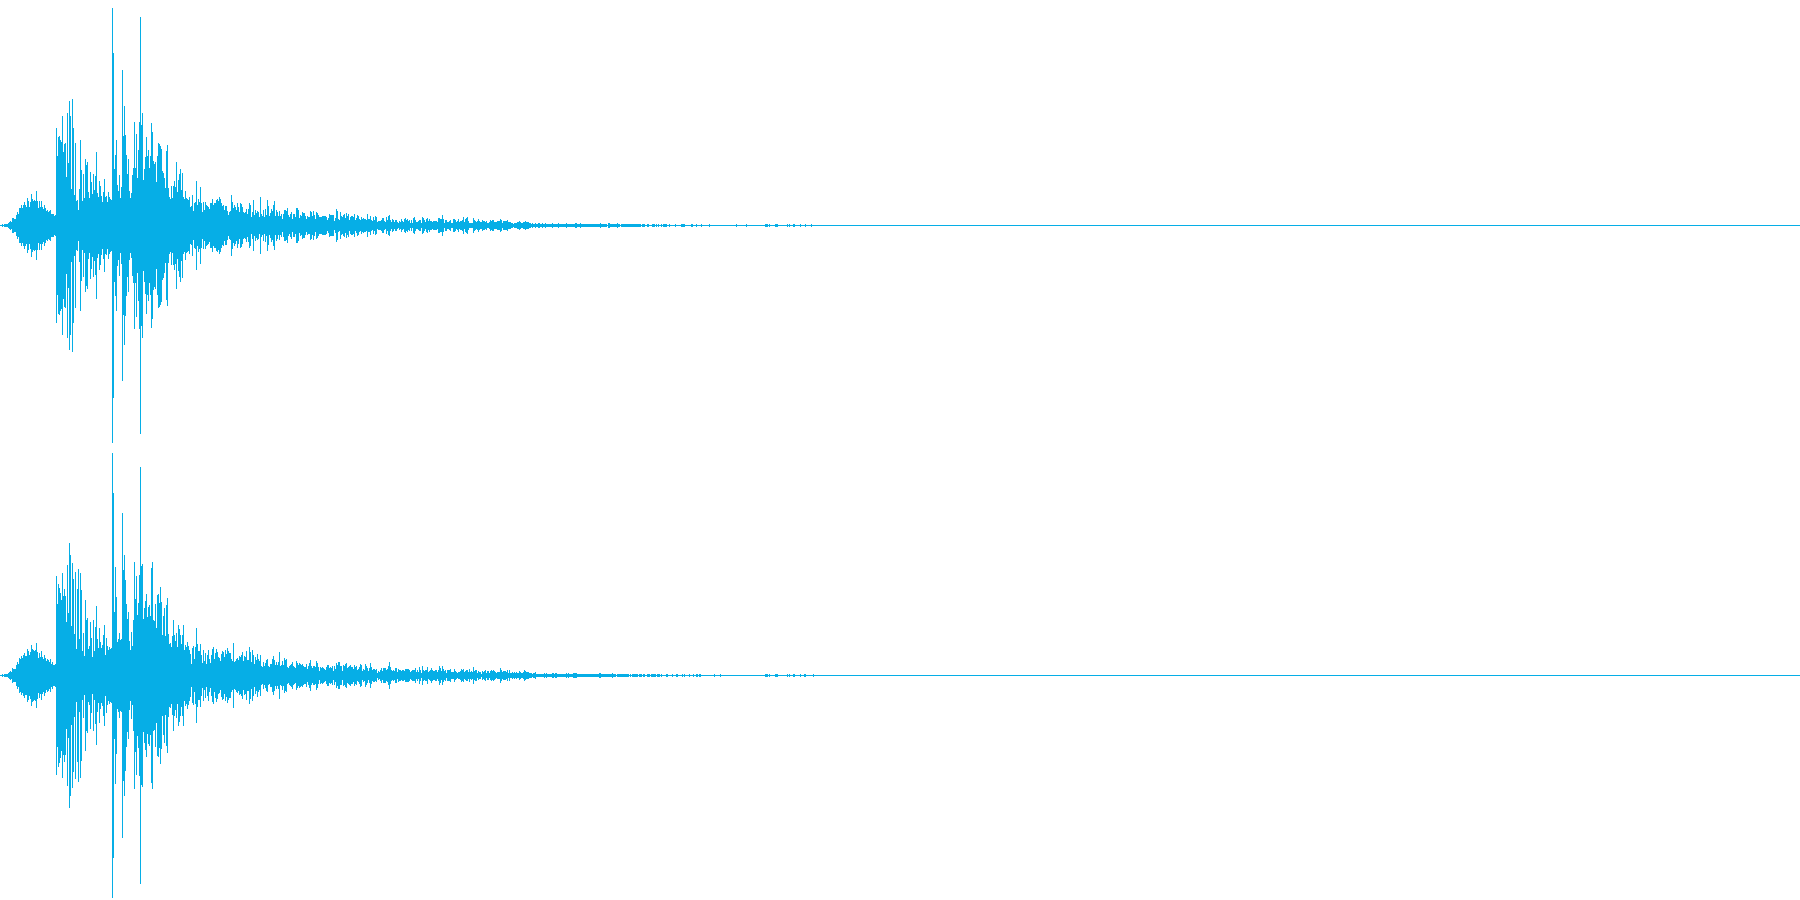 KAKUGE 格闘ゲーム戦闘音 38の再生済みの波形